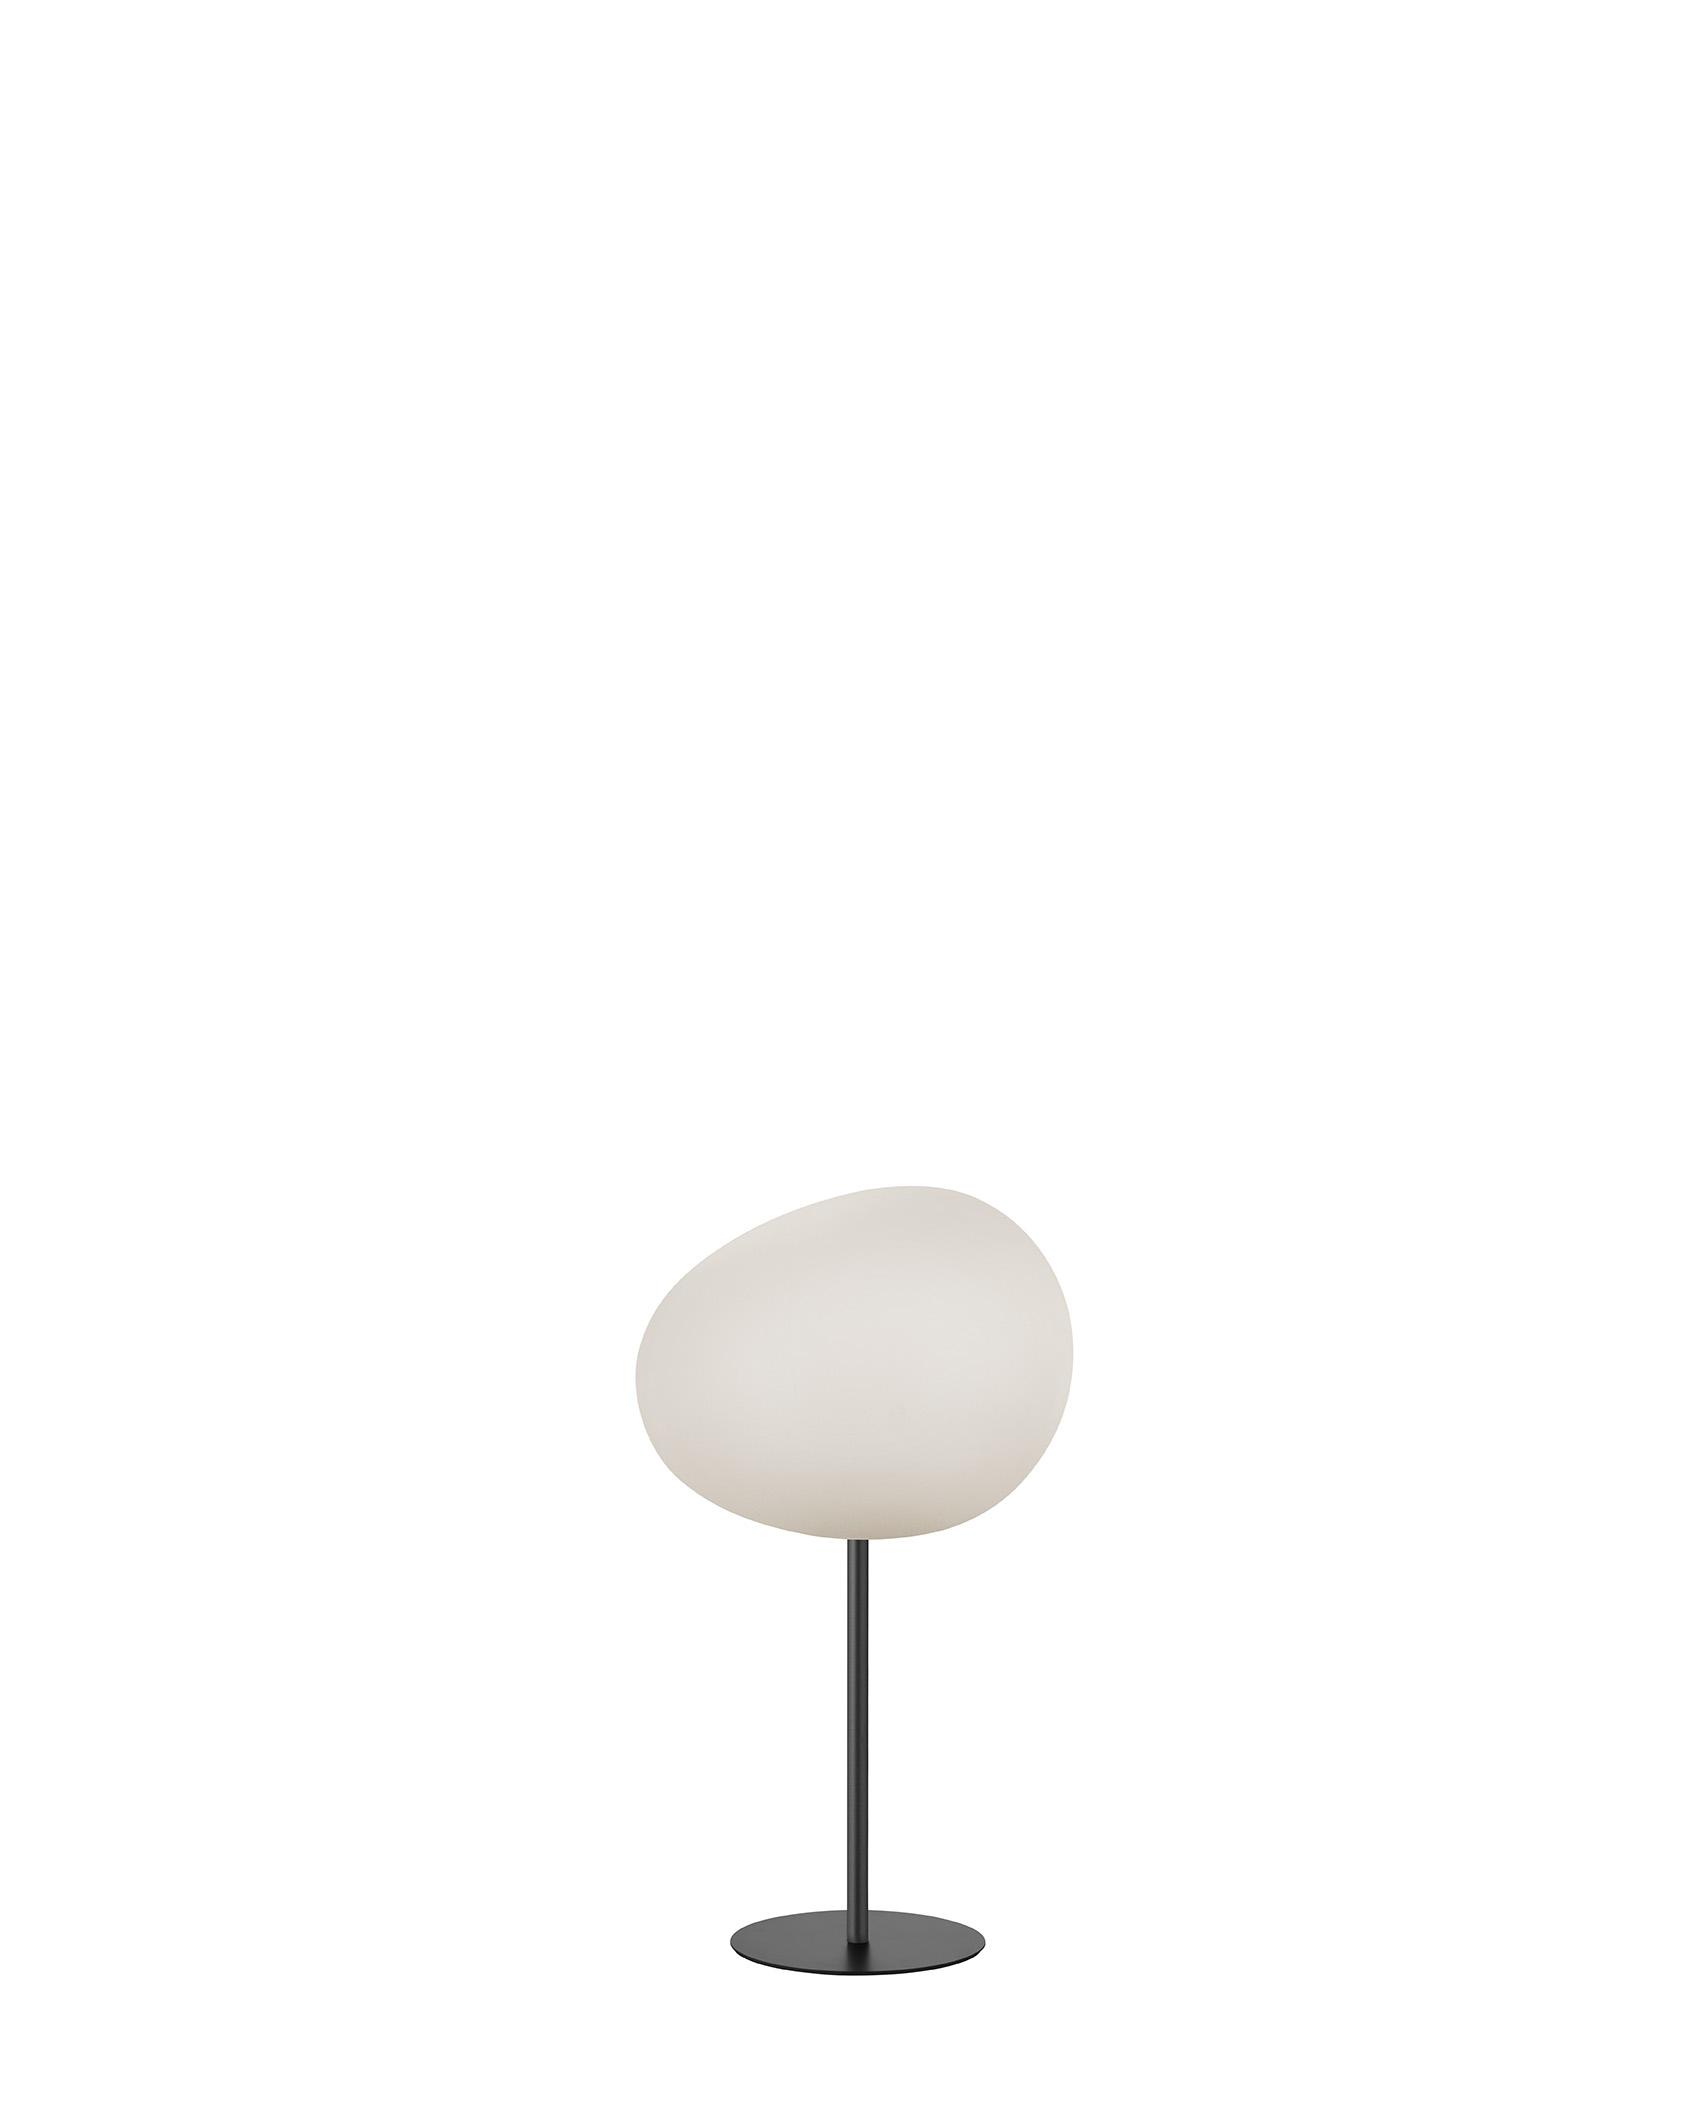 Lampada da tavolo Gregg Mix&Match in vetro soffiato acidato e metallo verniciato color antracite realizzata da Ludovica+Roberto Palomba per Foscarini